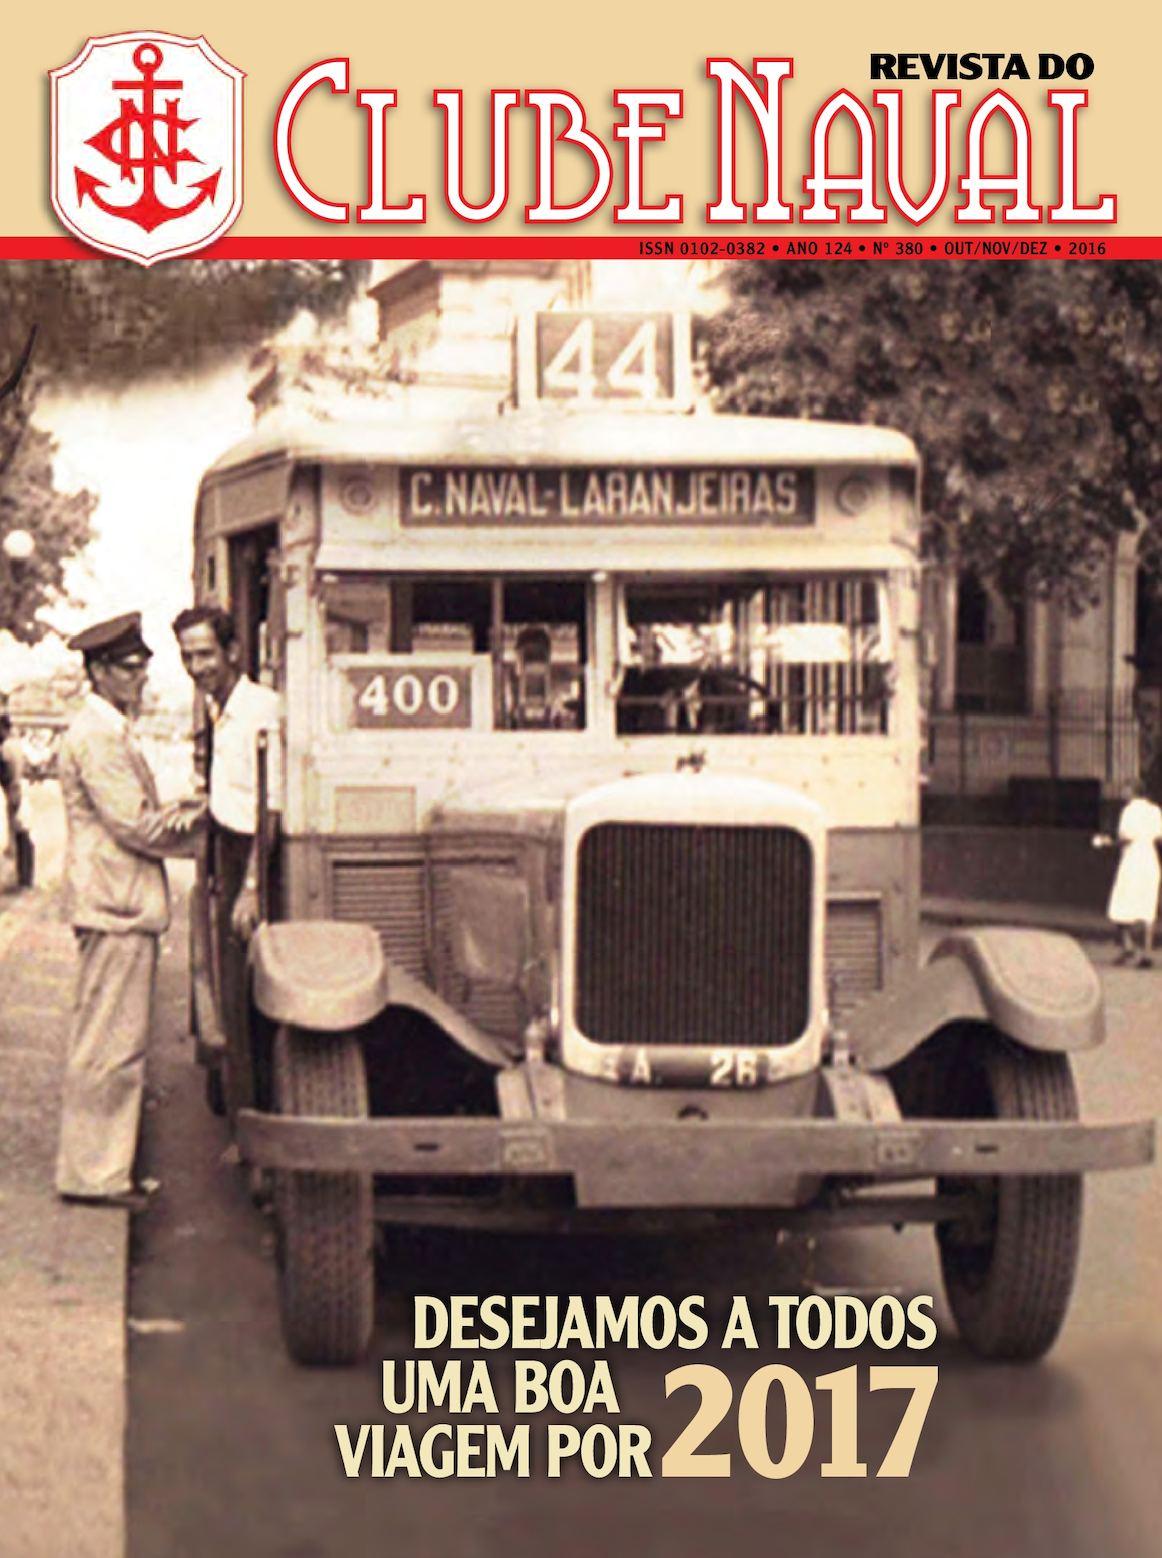 94fdd90e9 Calaméo - Revista do Clube Naval 380